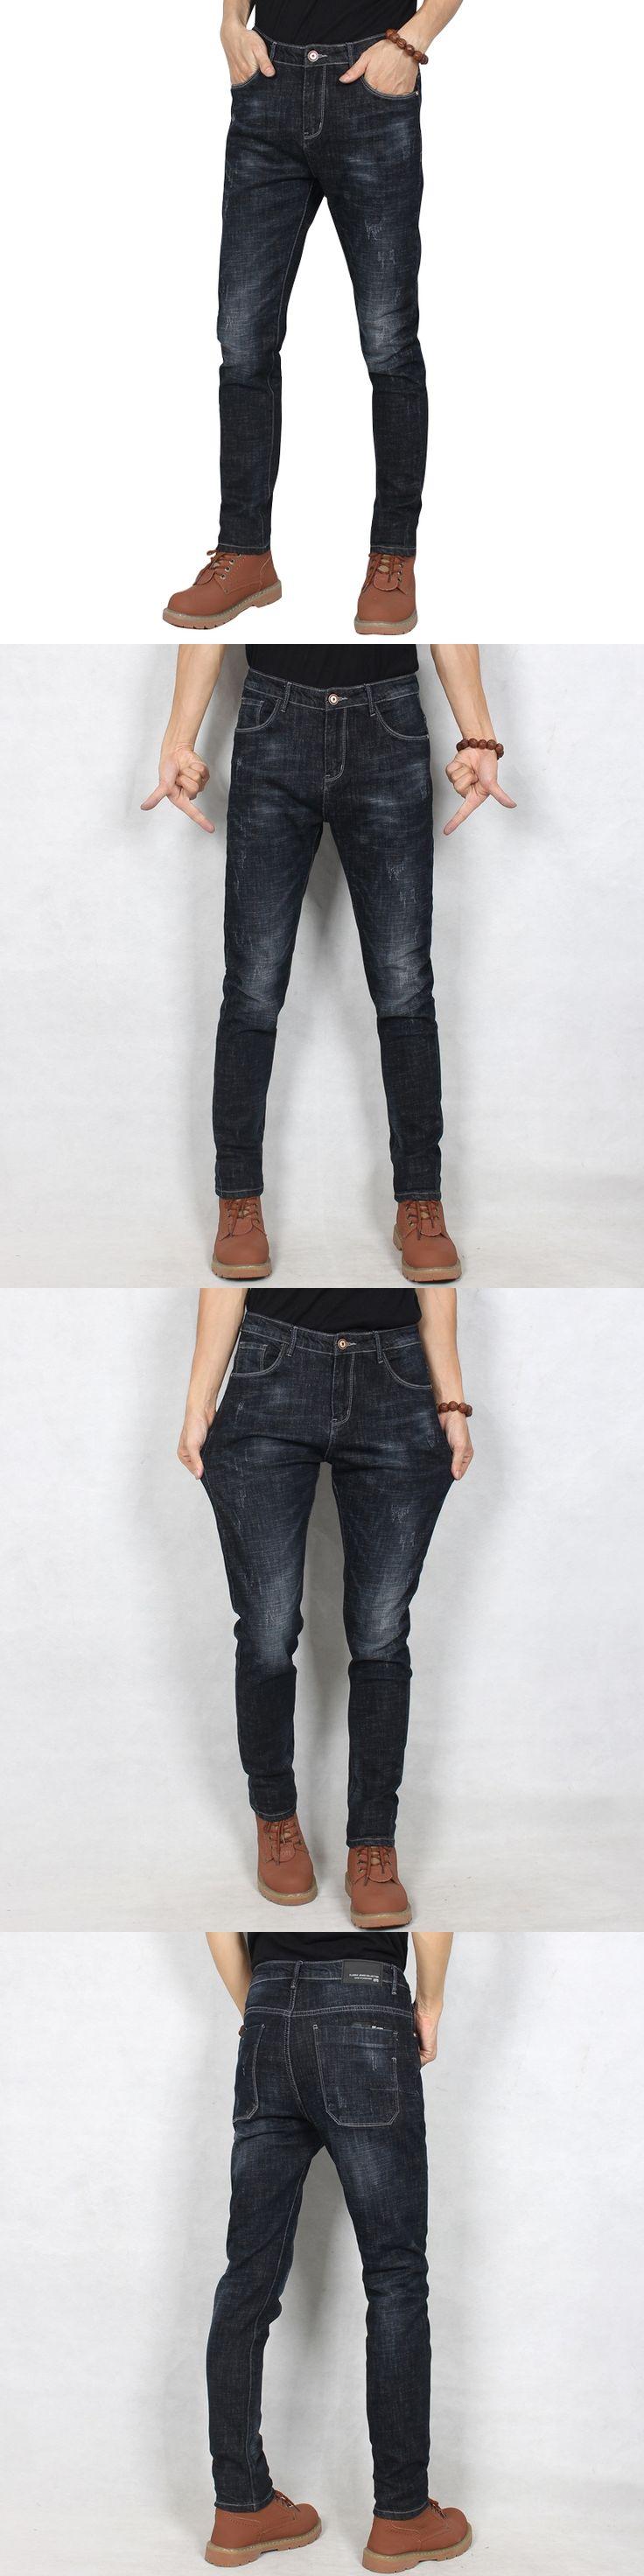 Black Jeans Men Designer Jeans Trousers High Quality Cotton Casual Men`s Jeans Slim Fit Denim Stretch Jeans Men